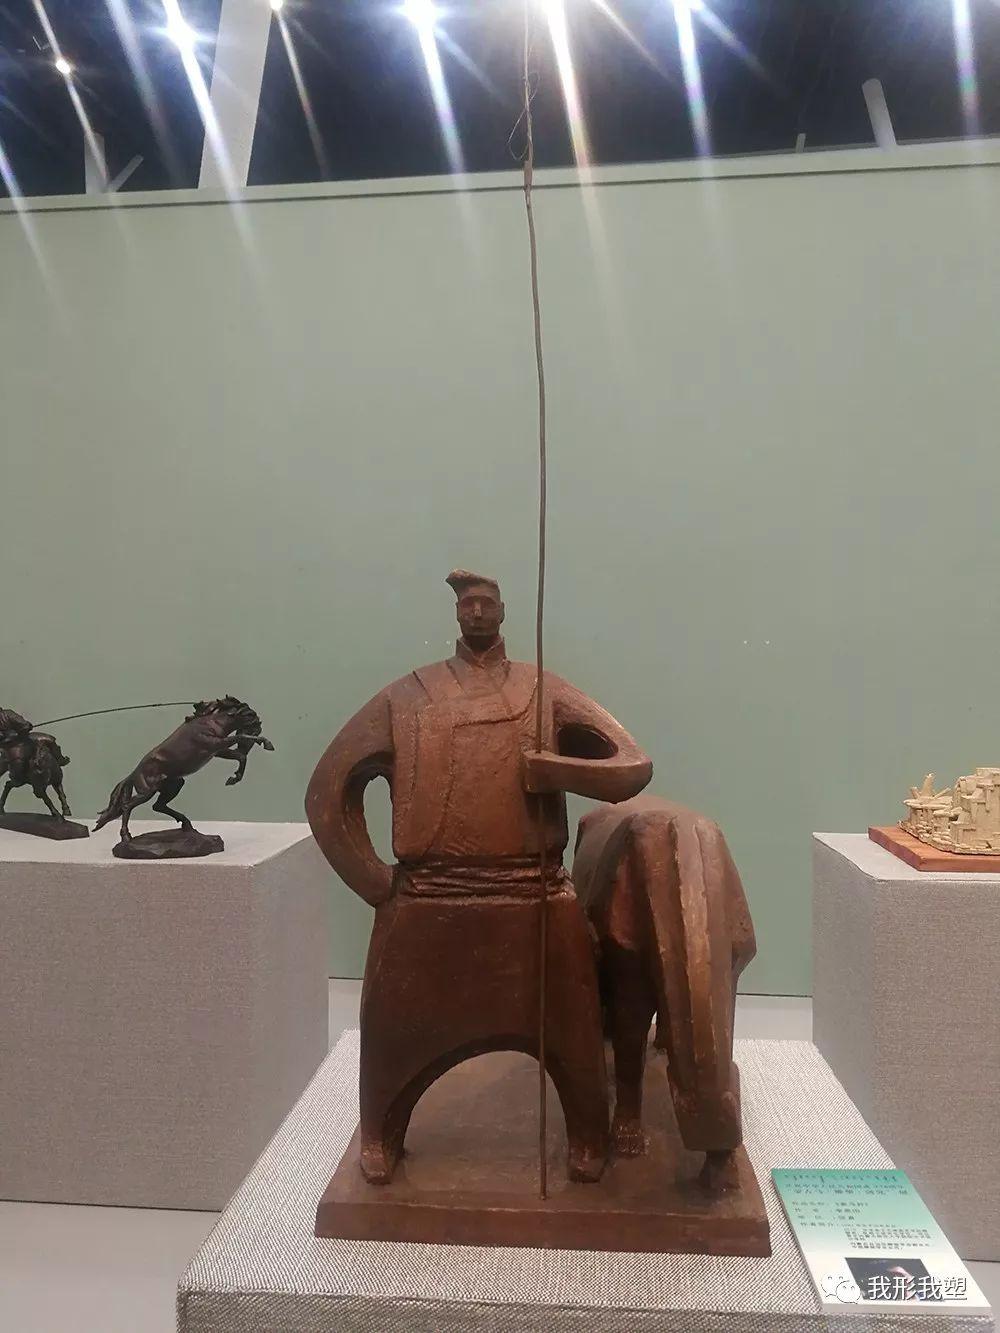 """【雕塑展览】庆祝中华人民共和国成立70周年""""蒙古马·雕塑·研究""""展 第34张 【雕塑展览】庆祝中华人民共和国成立70周年""""蒙古马·雕塑·研究""""展 蒙古画廊"""